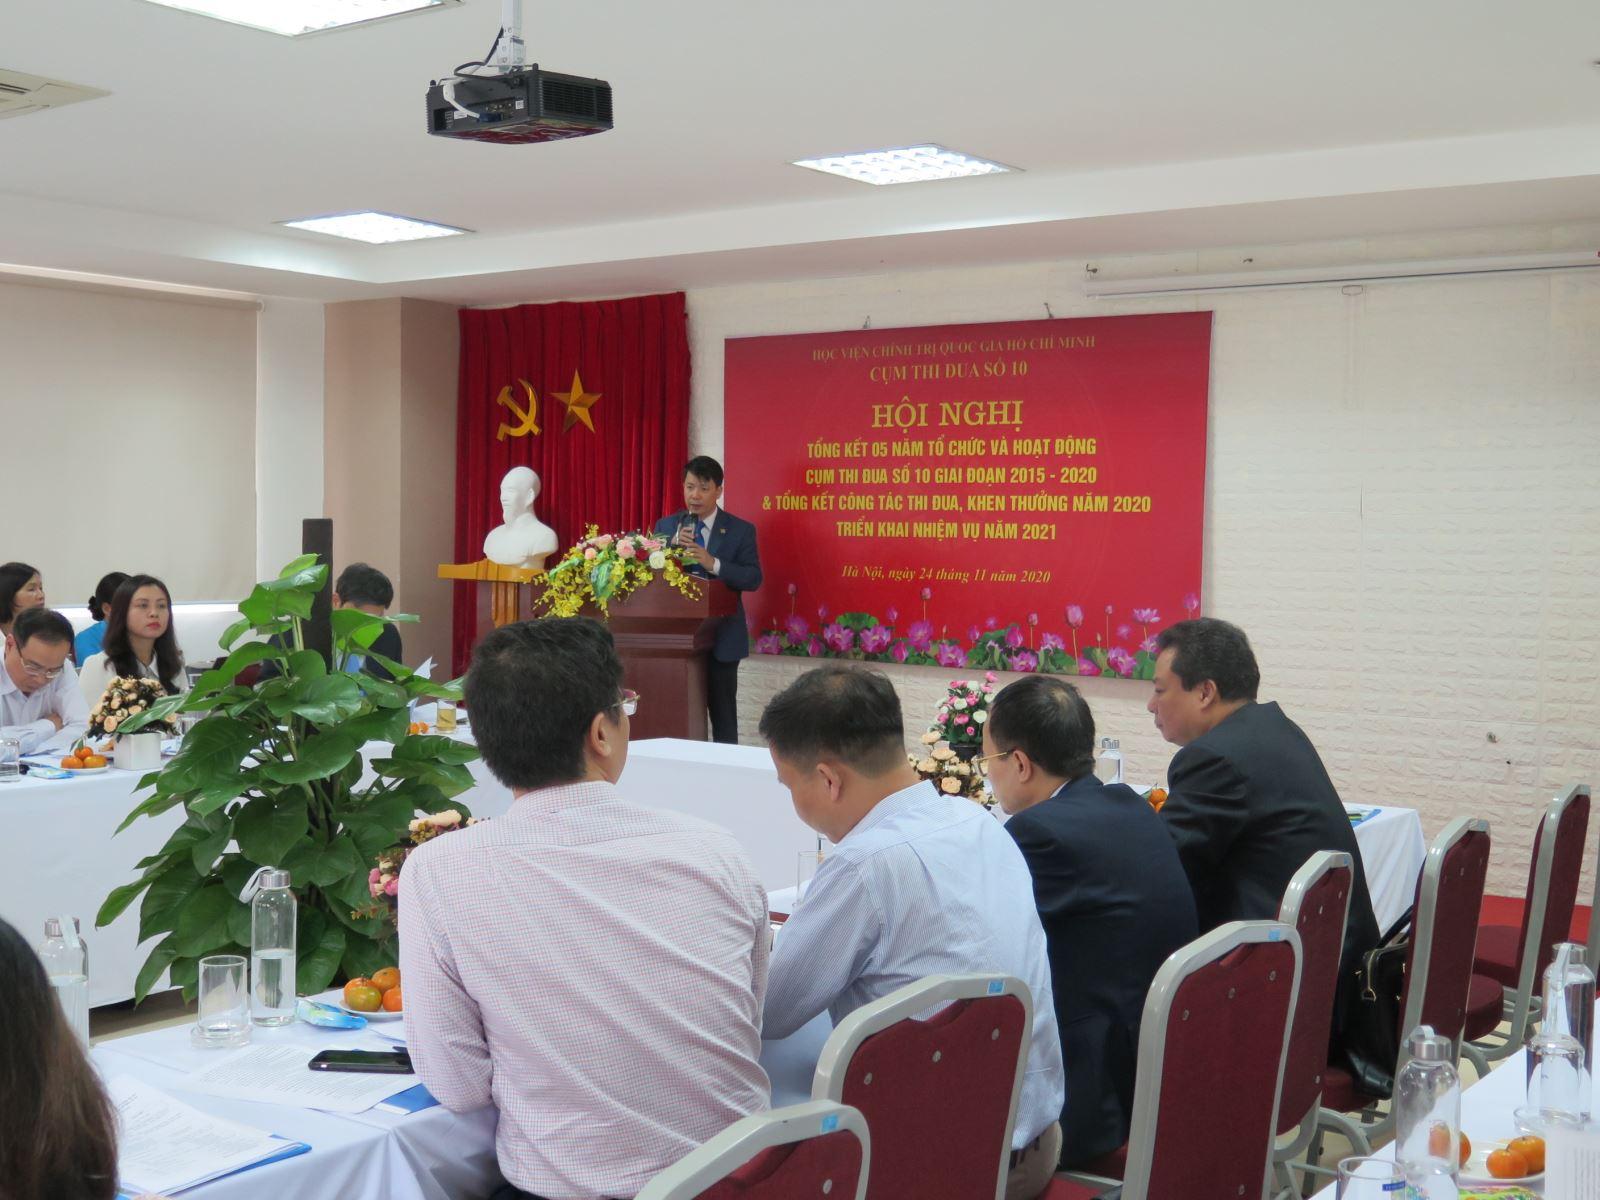 Cụm thi đua số 10 tổ chức Hội nghị tổng kết 05 năm (2015-2020) và triển khai nhiệm vụ năm 2021